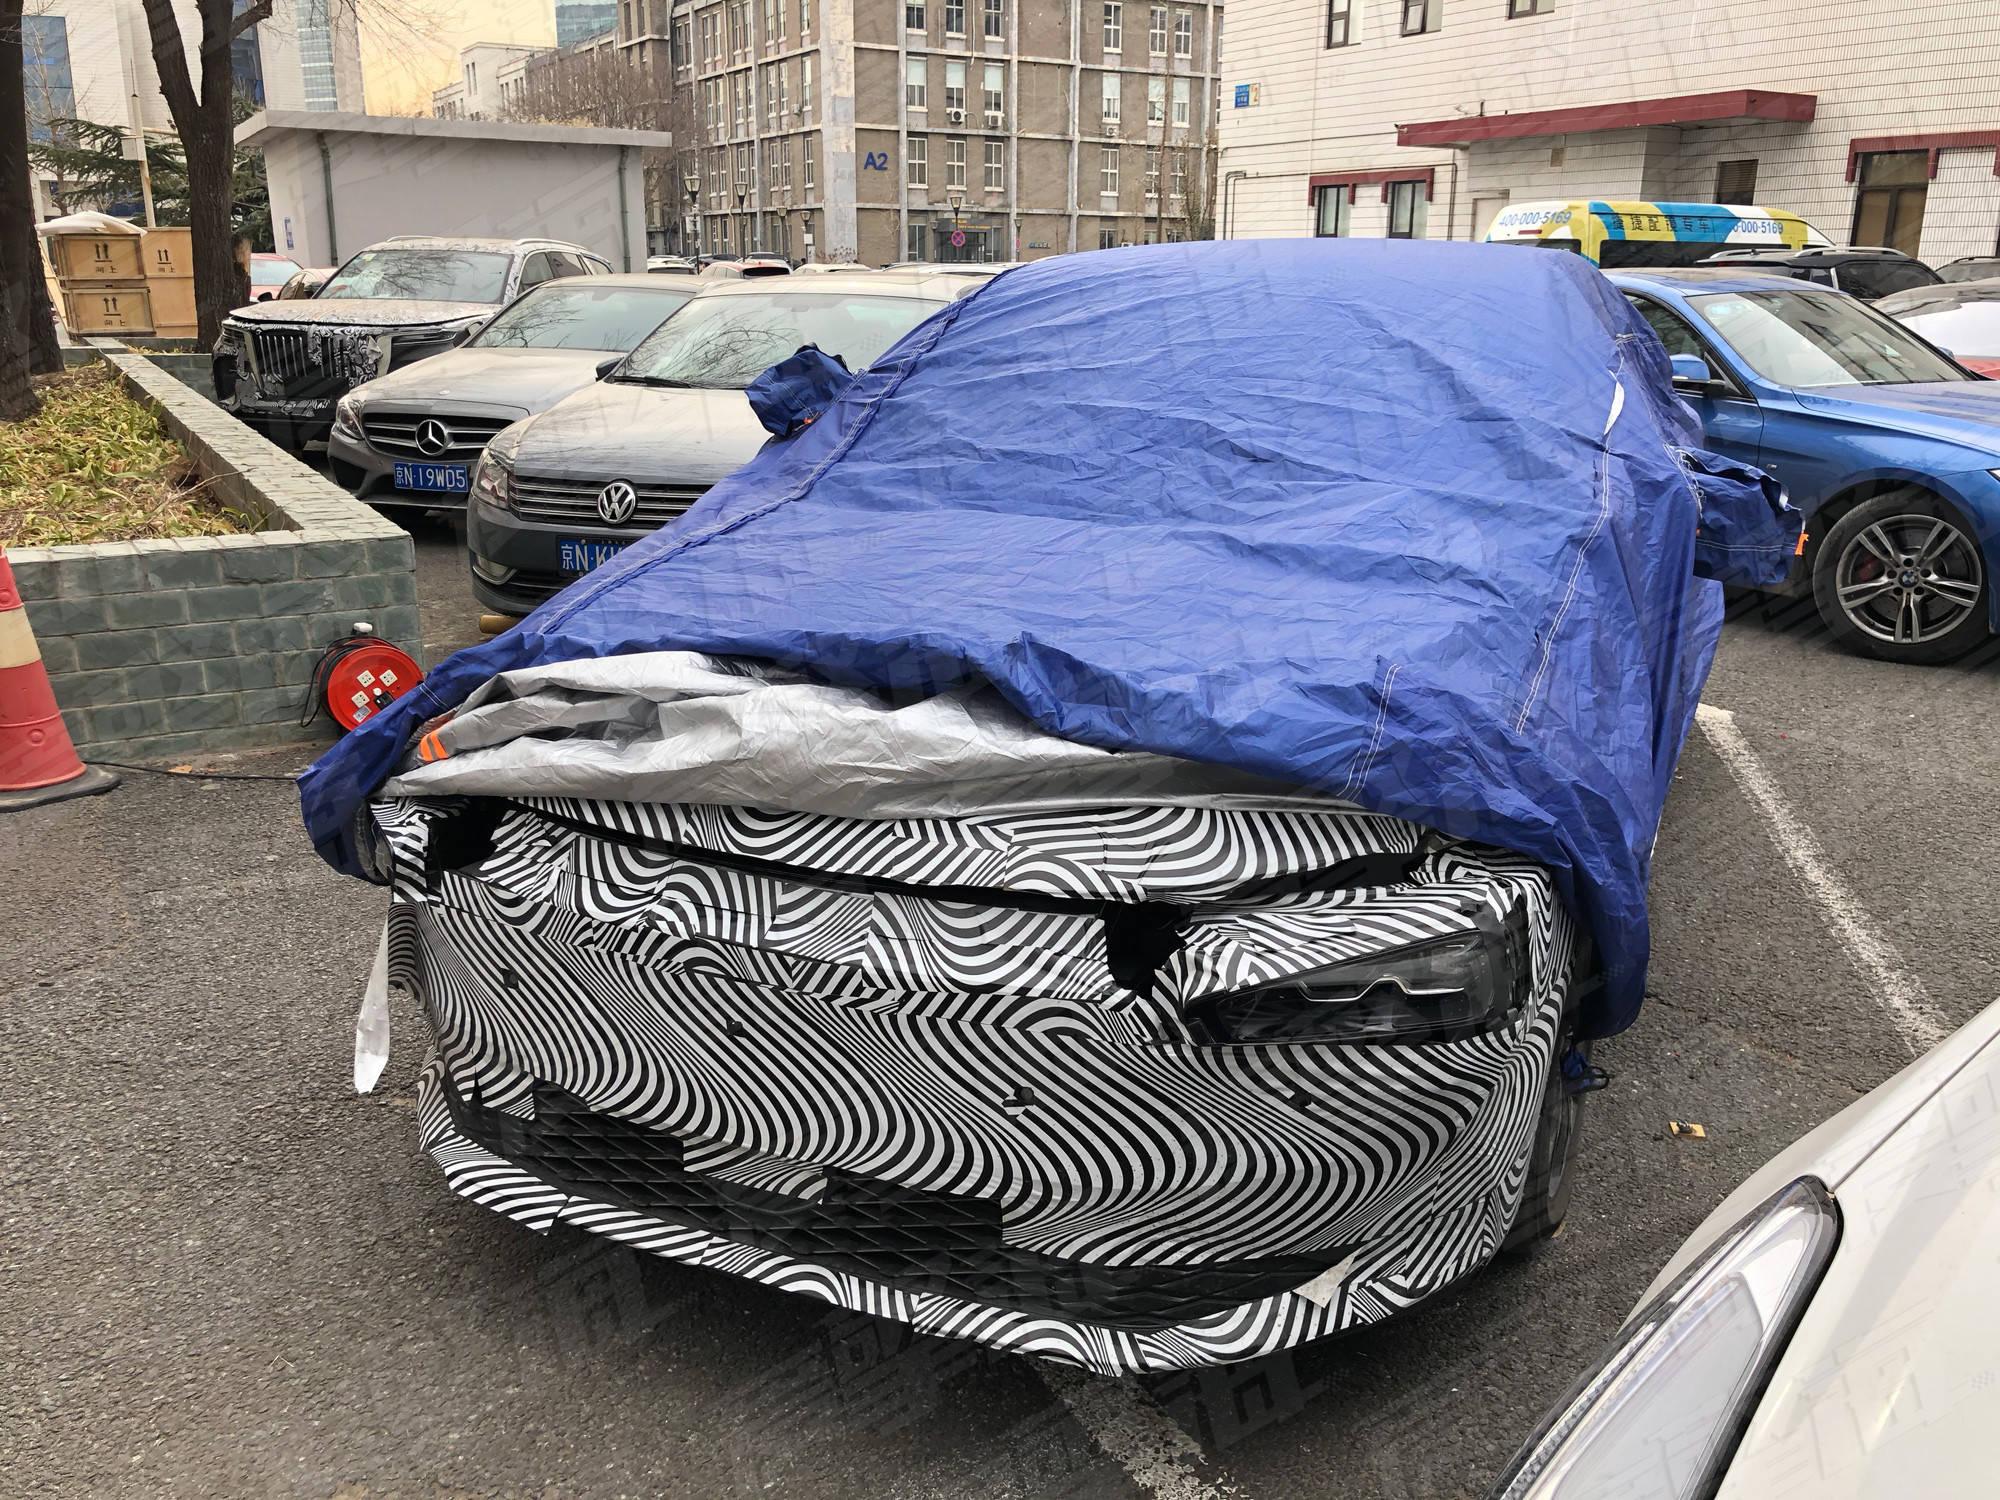 小鹏发布了新车预告。世界上第一辆搭载激光雷达的量产智能汽车